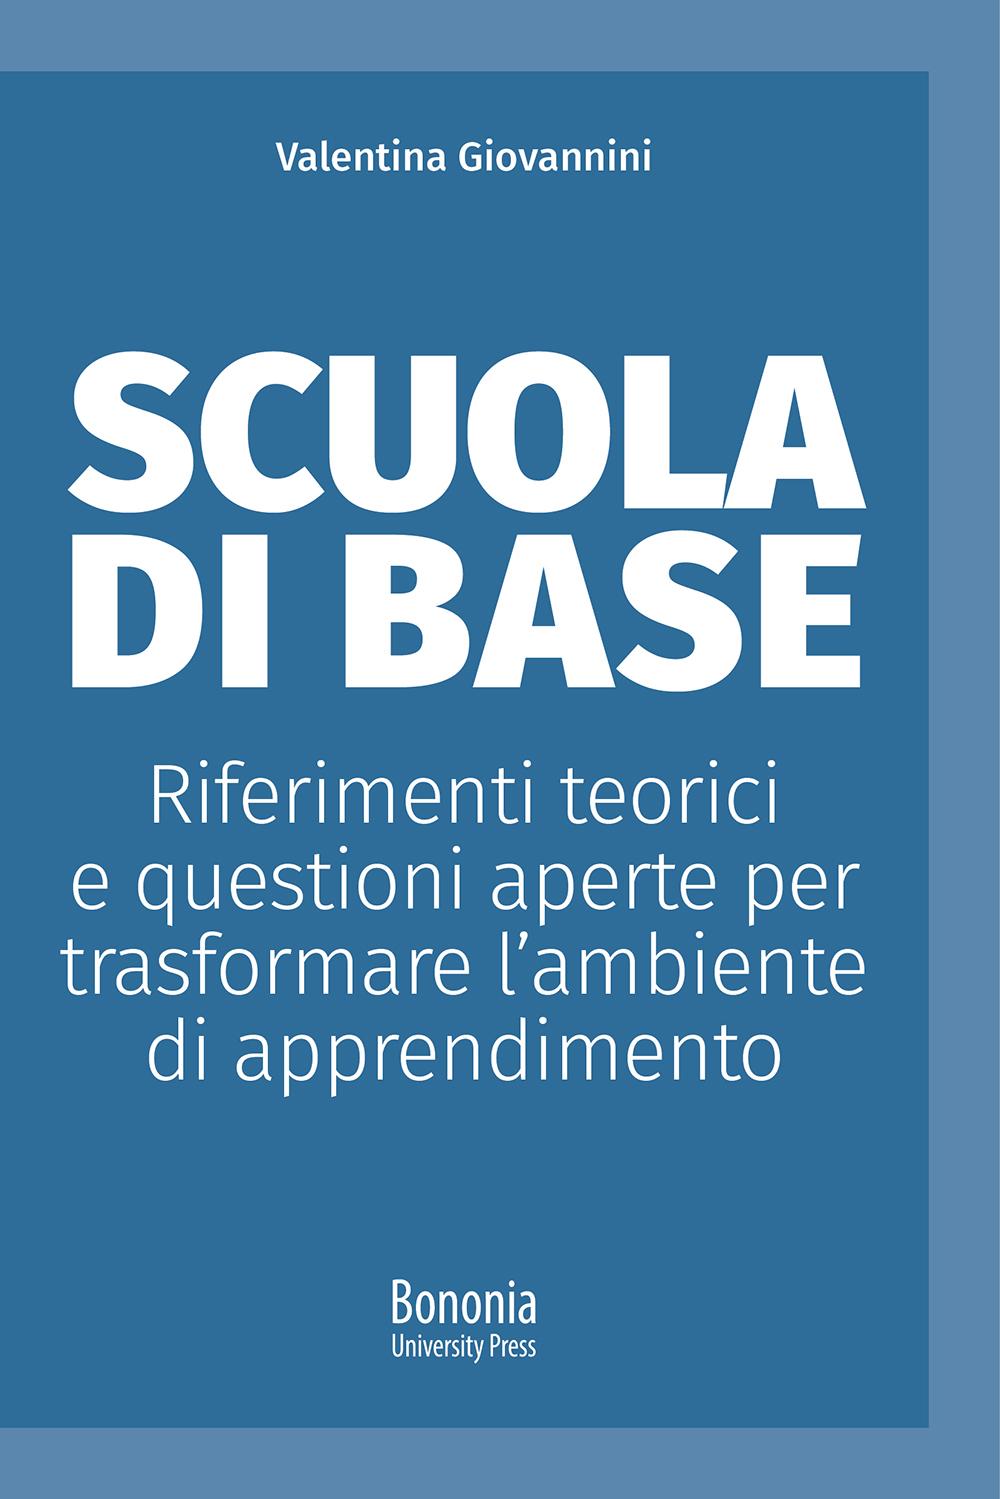 Scuola di base - Bononia University Press